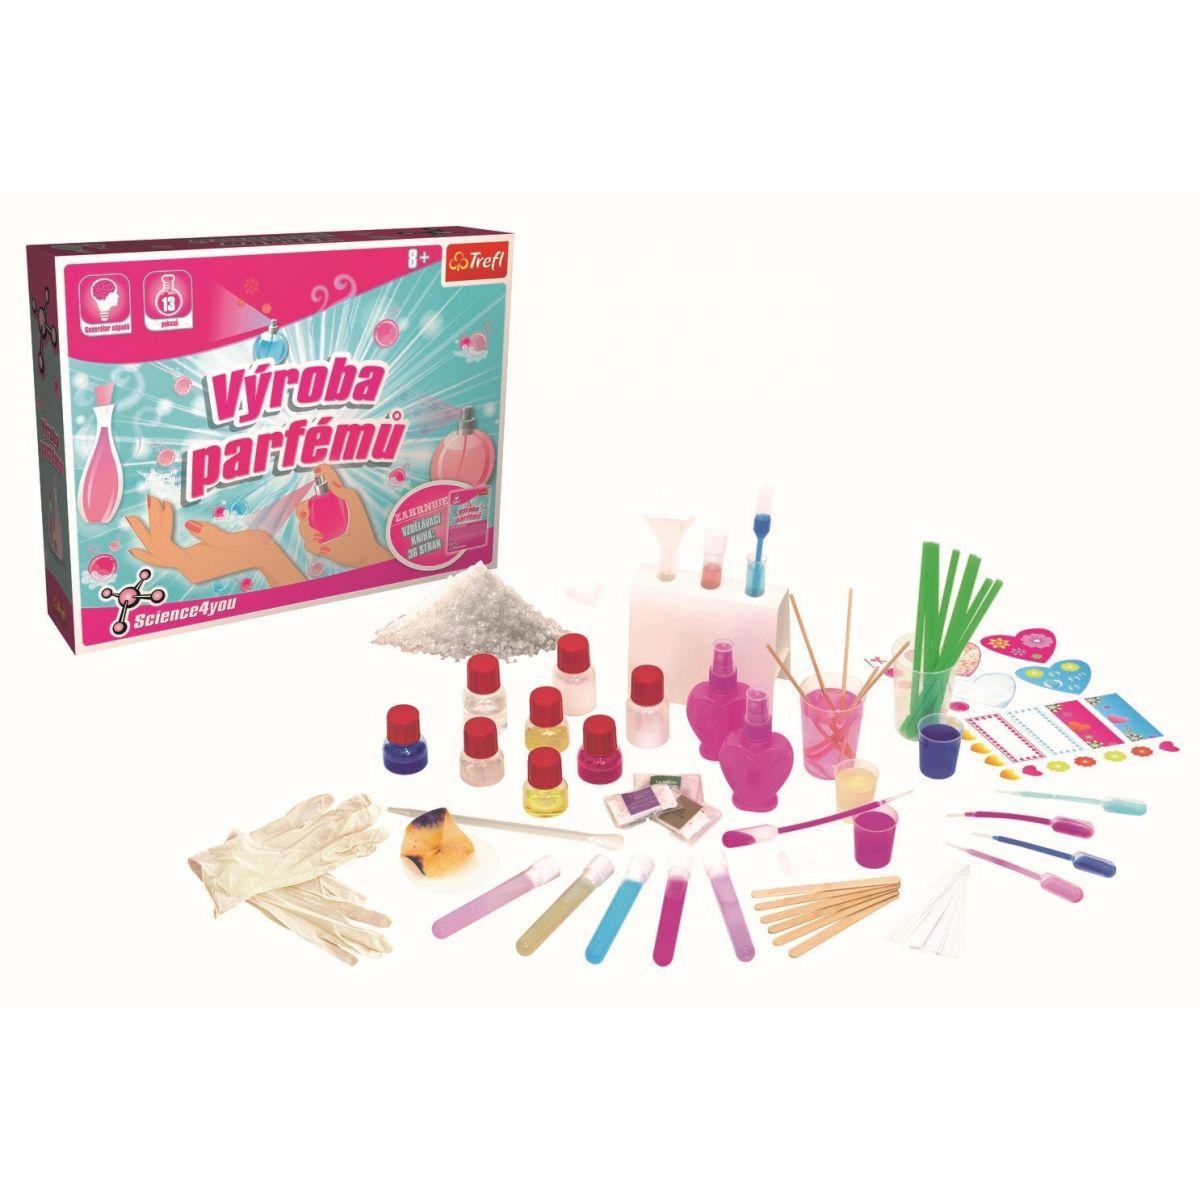 Trefl Výroba parfumov L a puzzle zadarmo